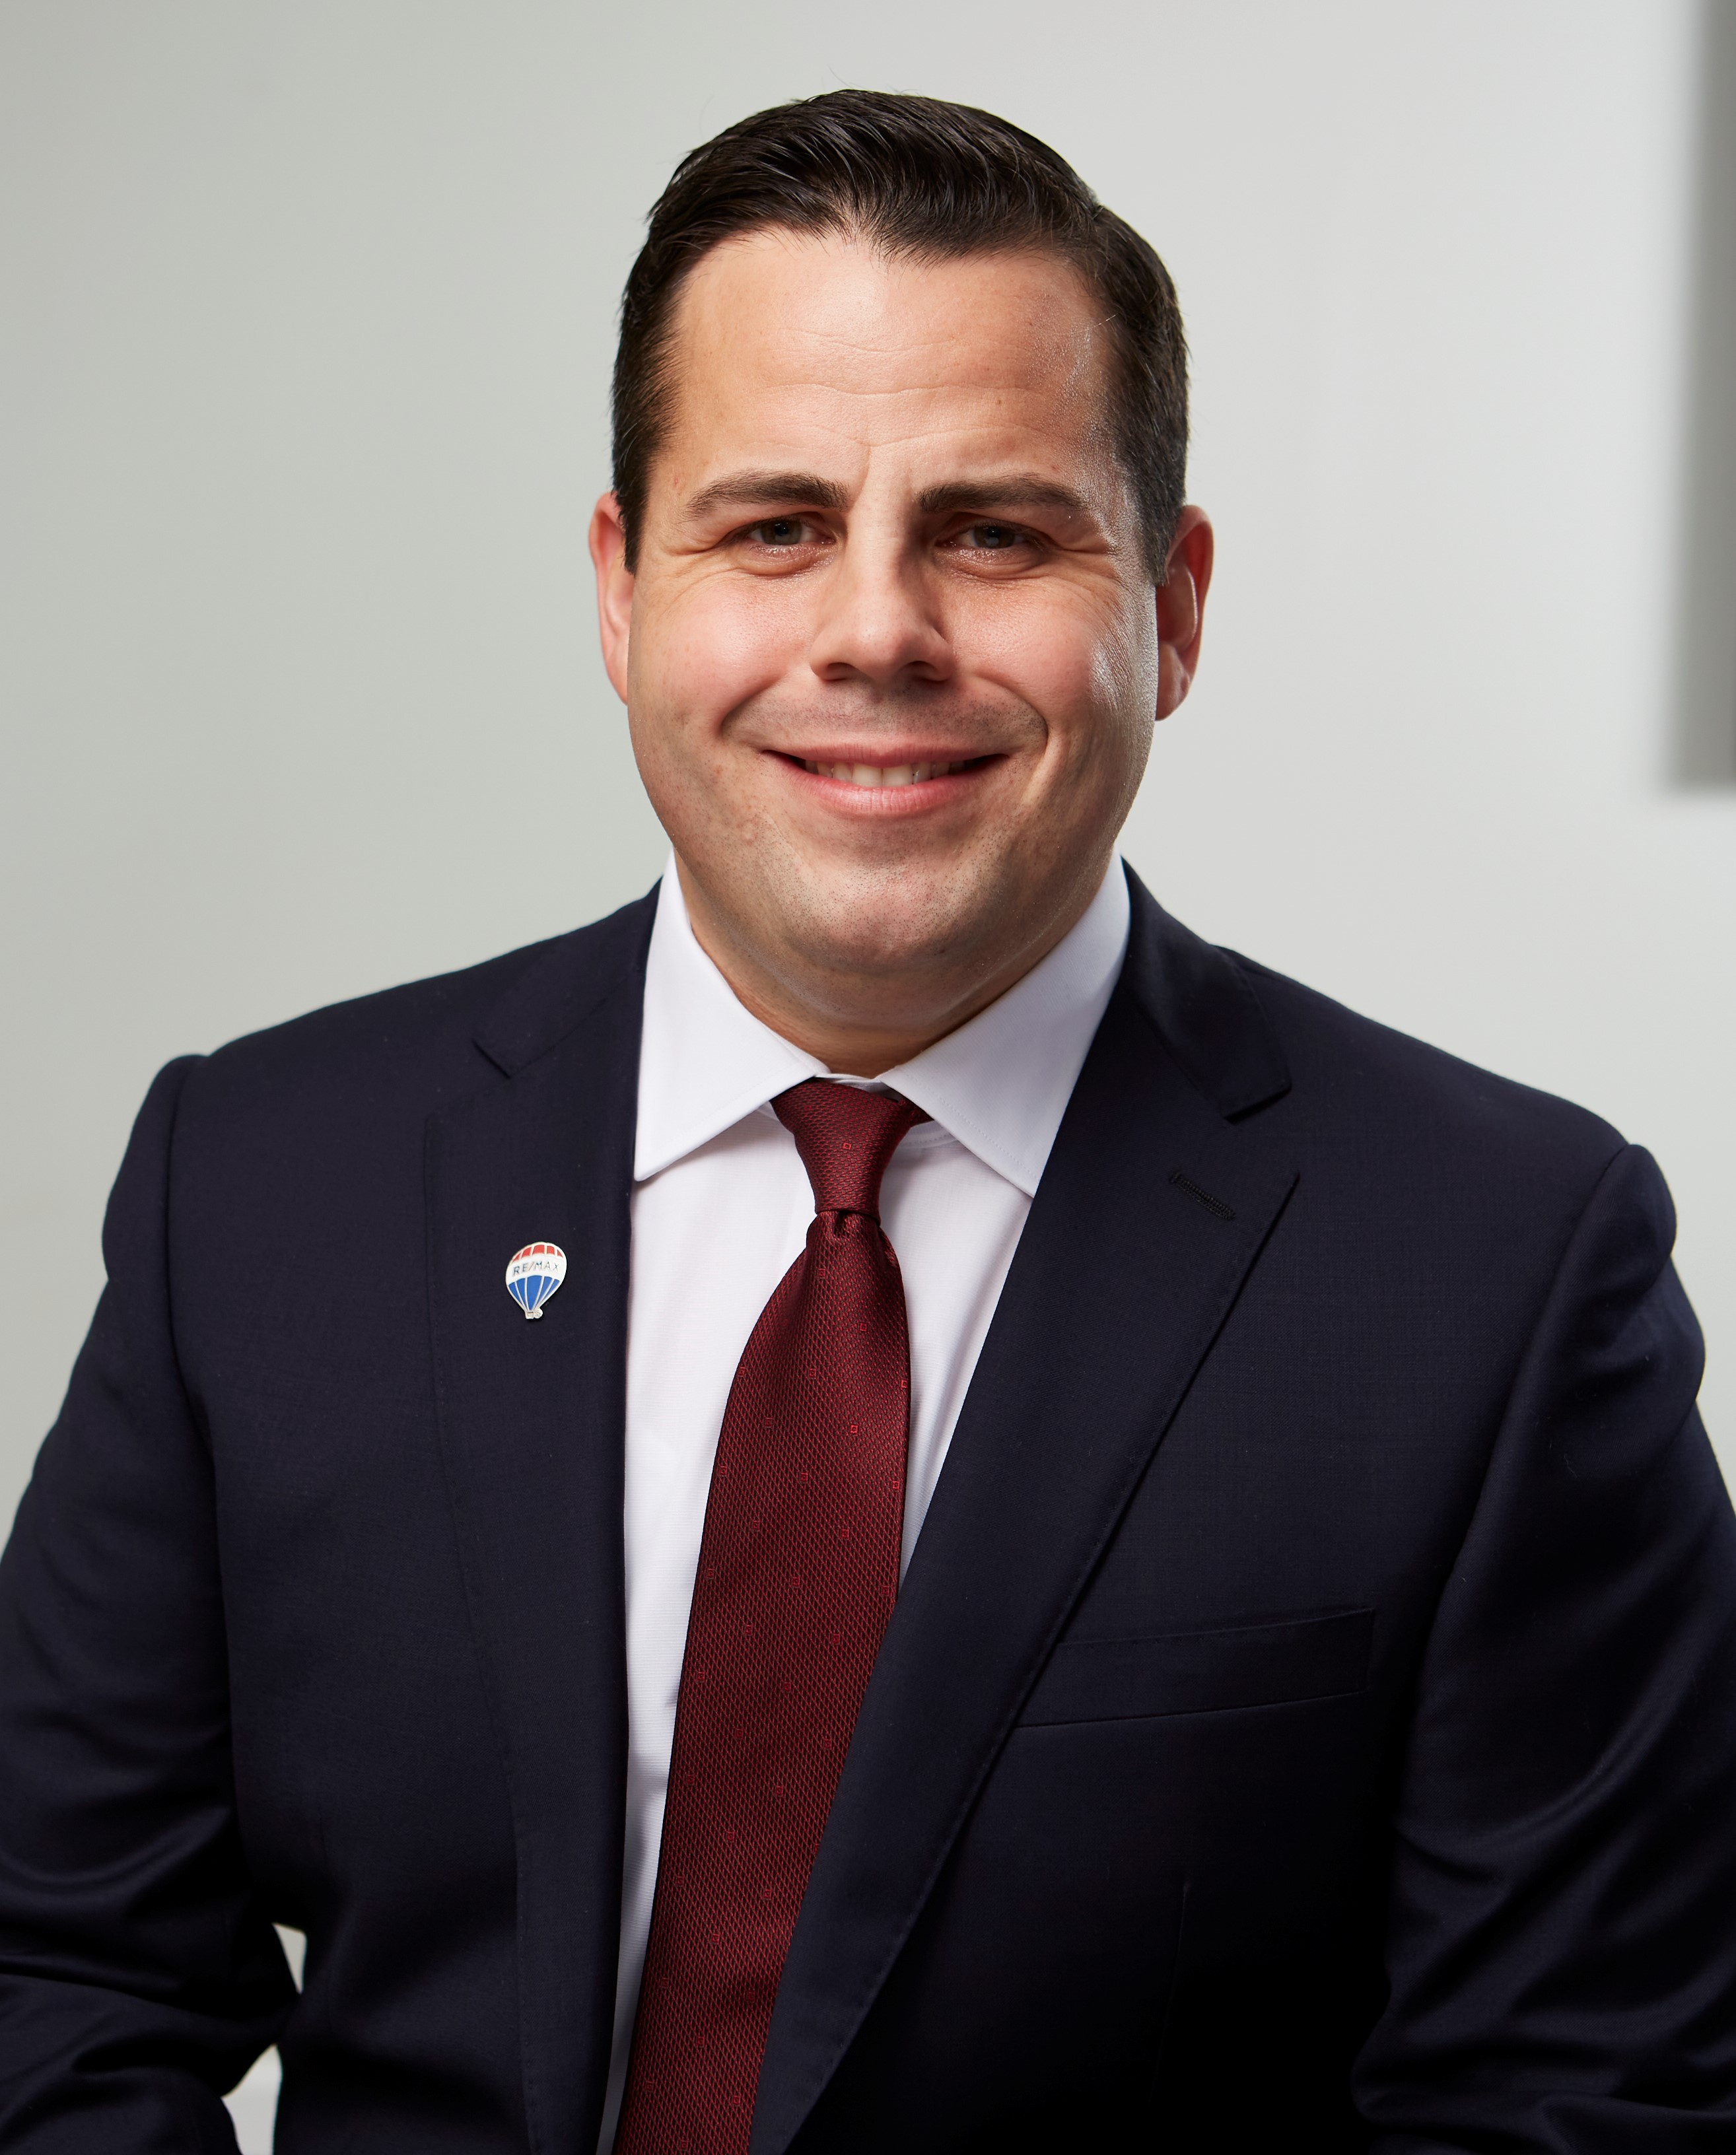 Michael undefined Napolitano